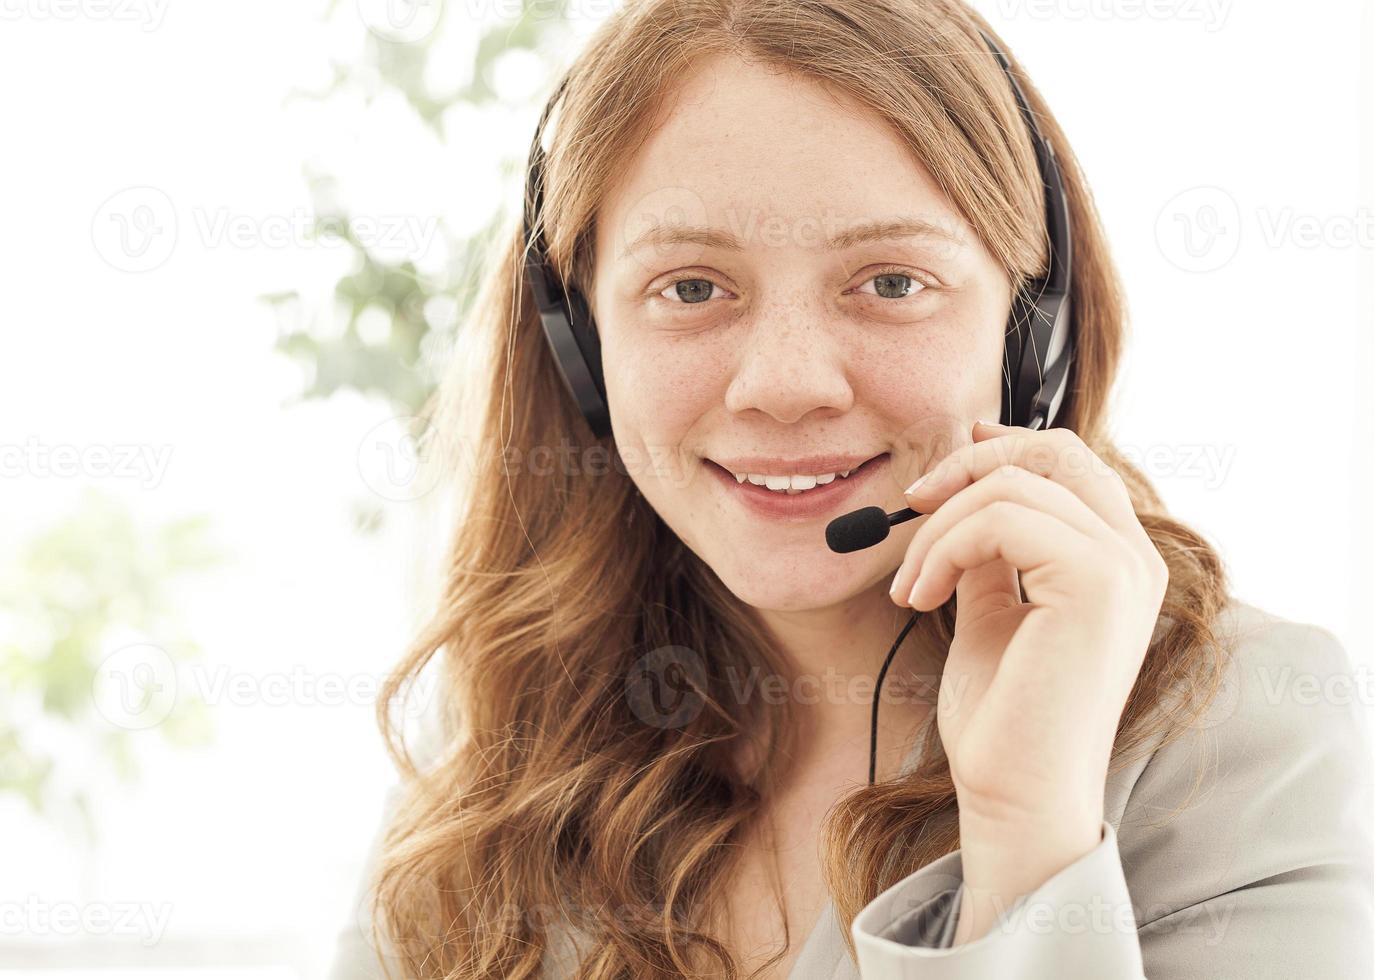 porträtt av glad ung kvinna med headset foto